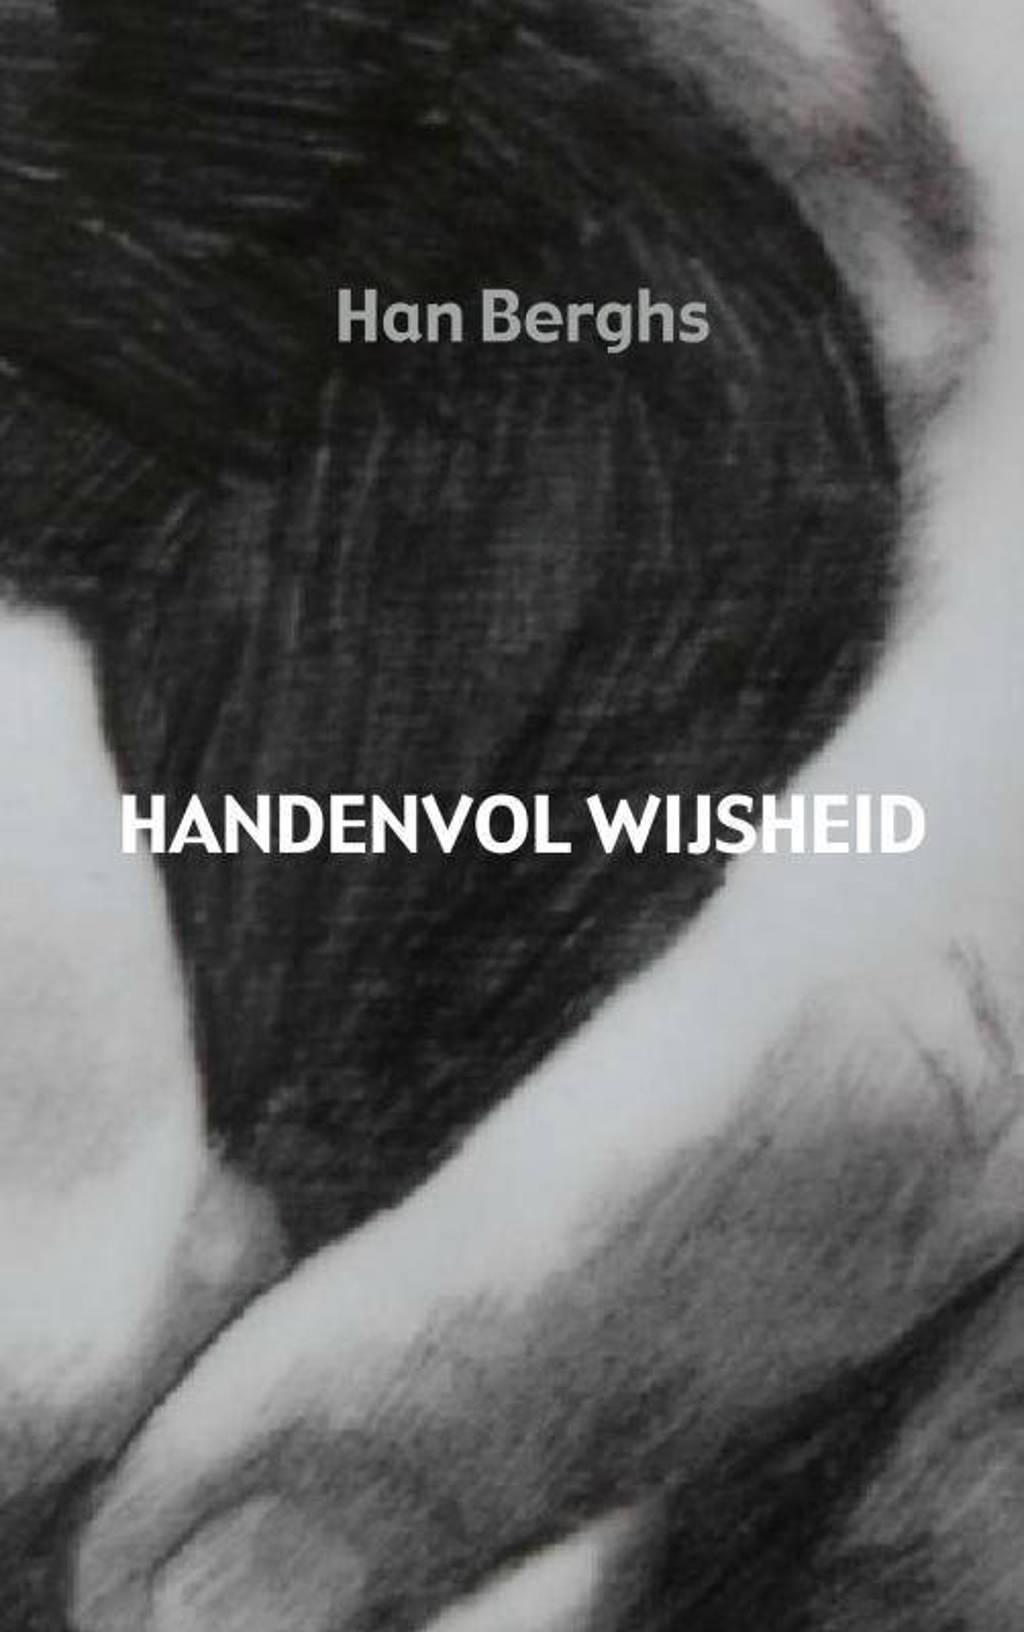 Handenvol wijsheid - Han Berghs